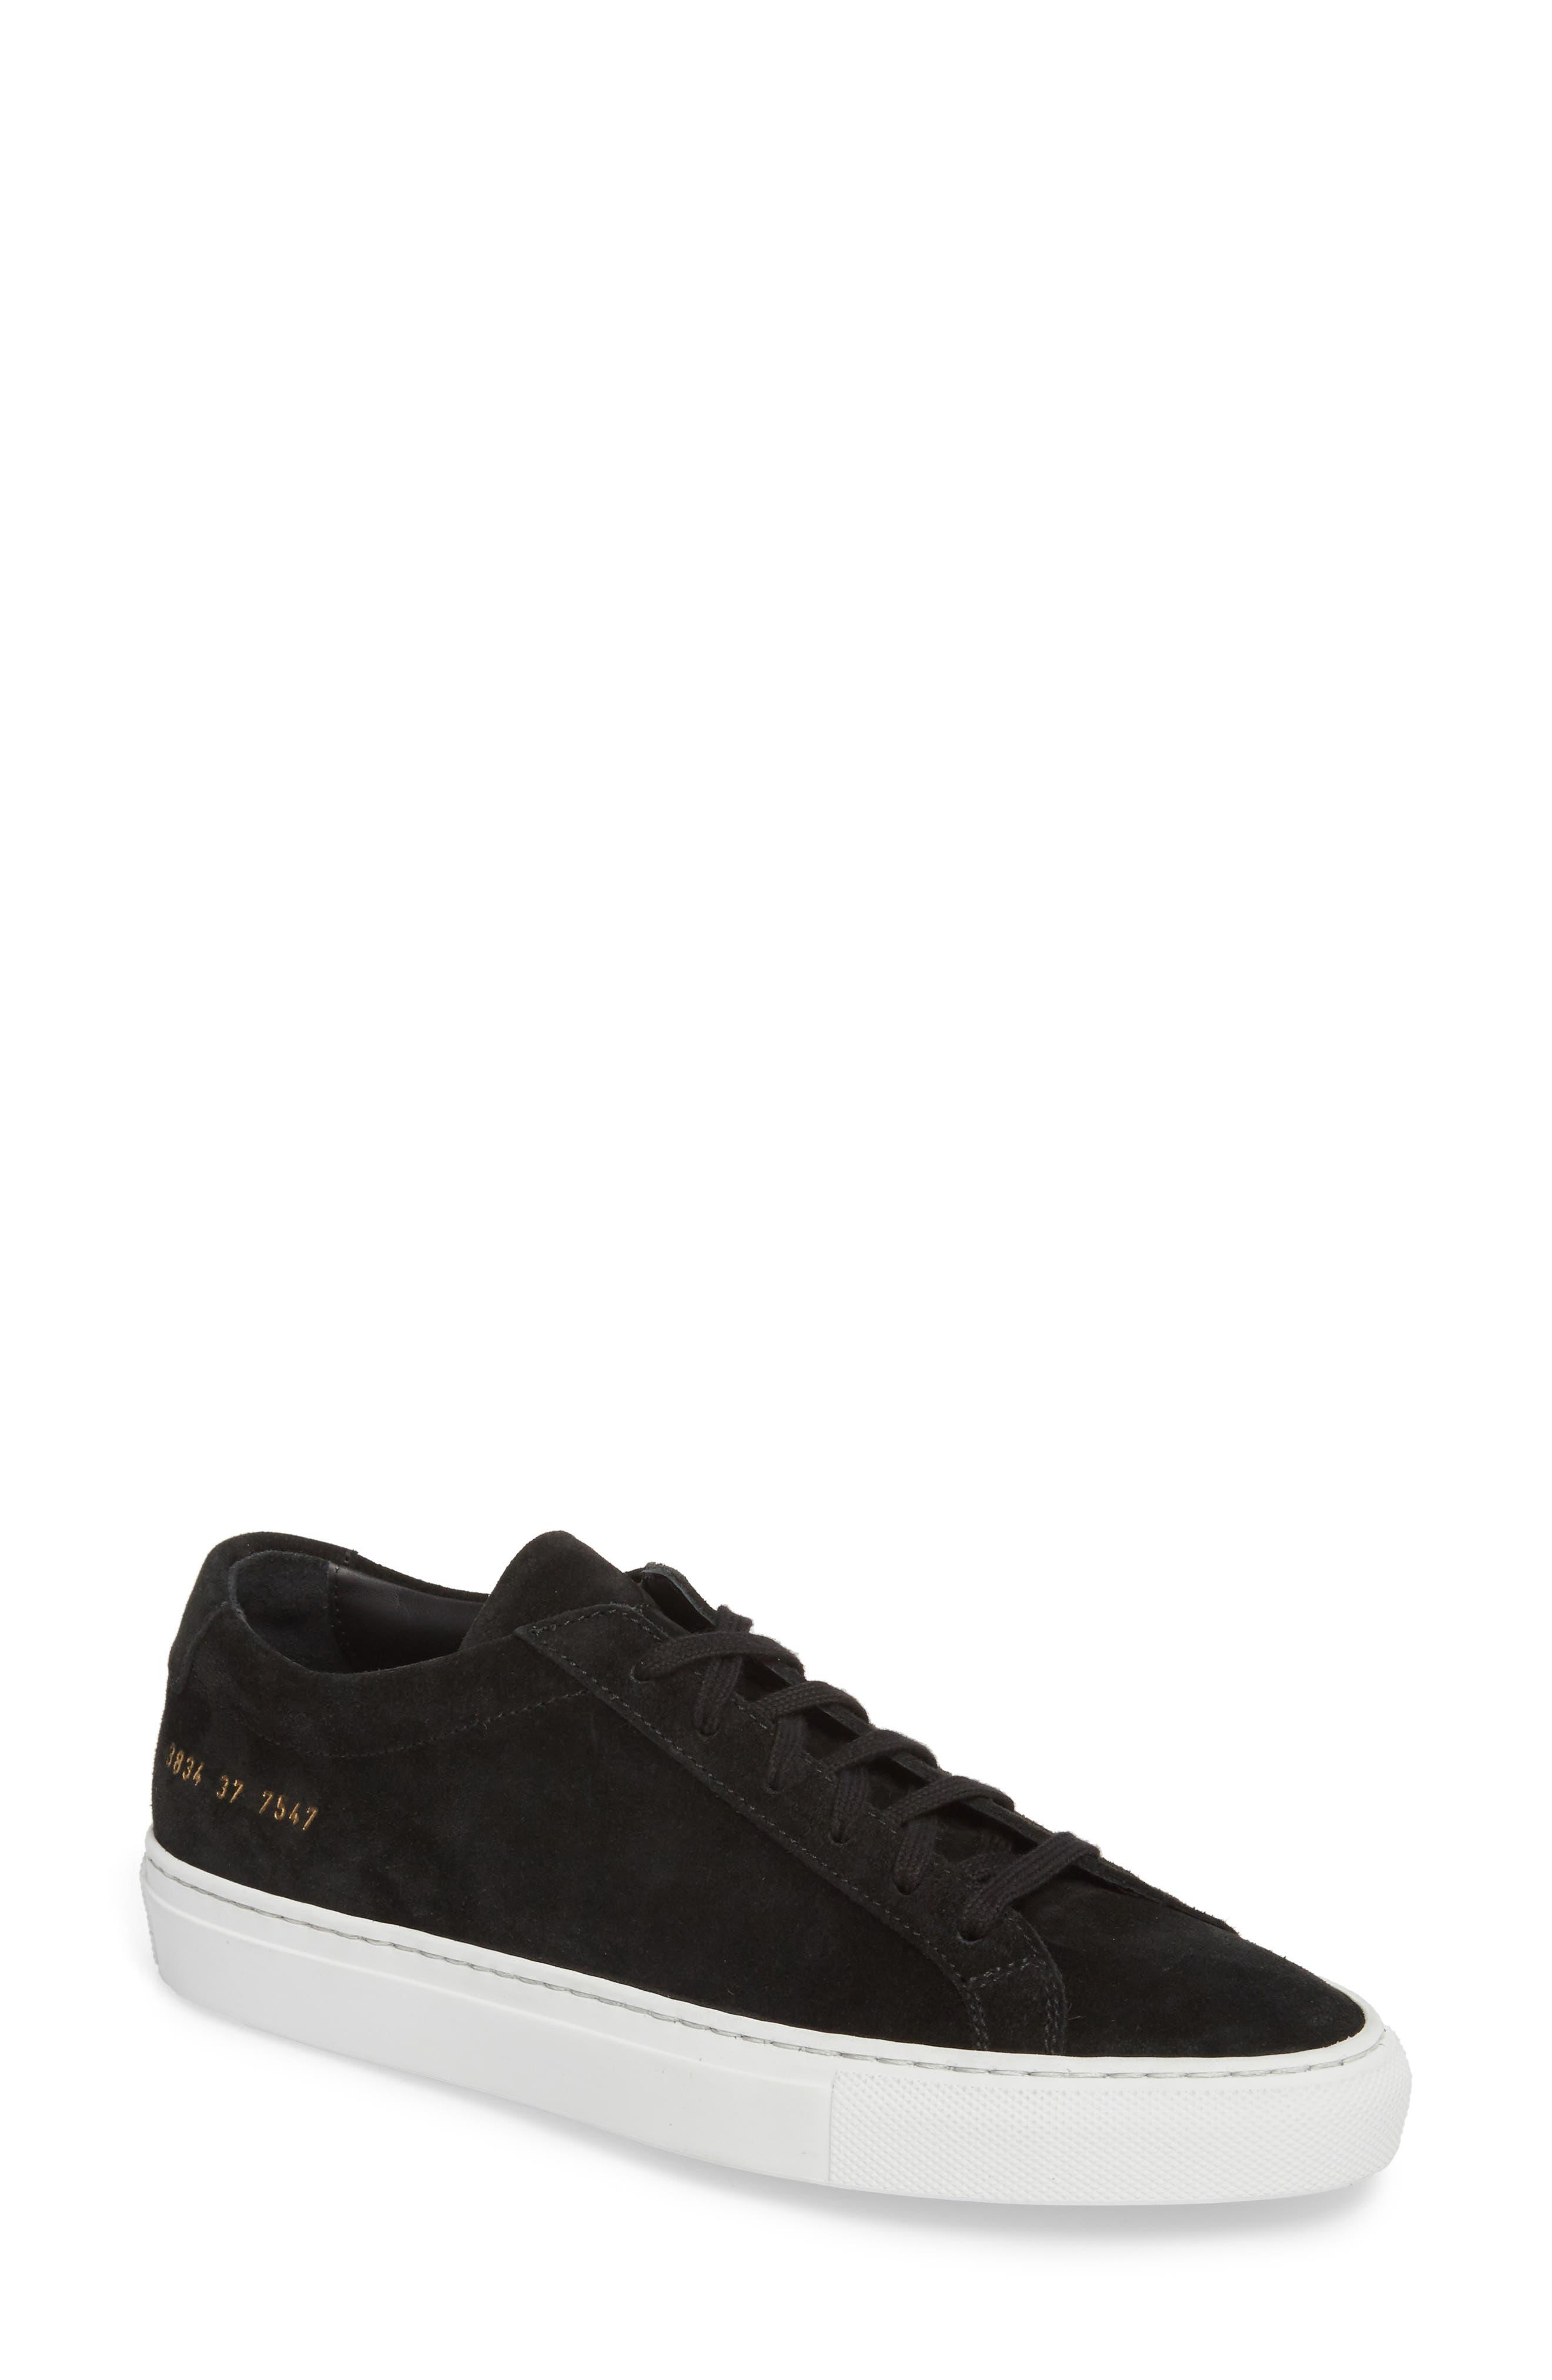 Common Projects Original Achilles Low Sneaker (Women)